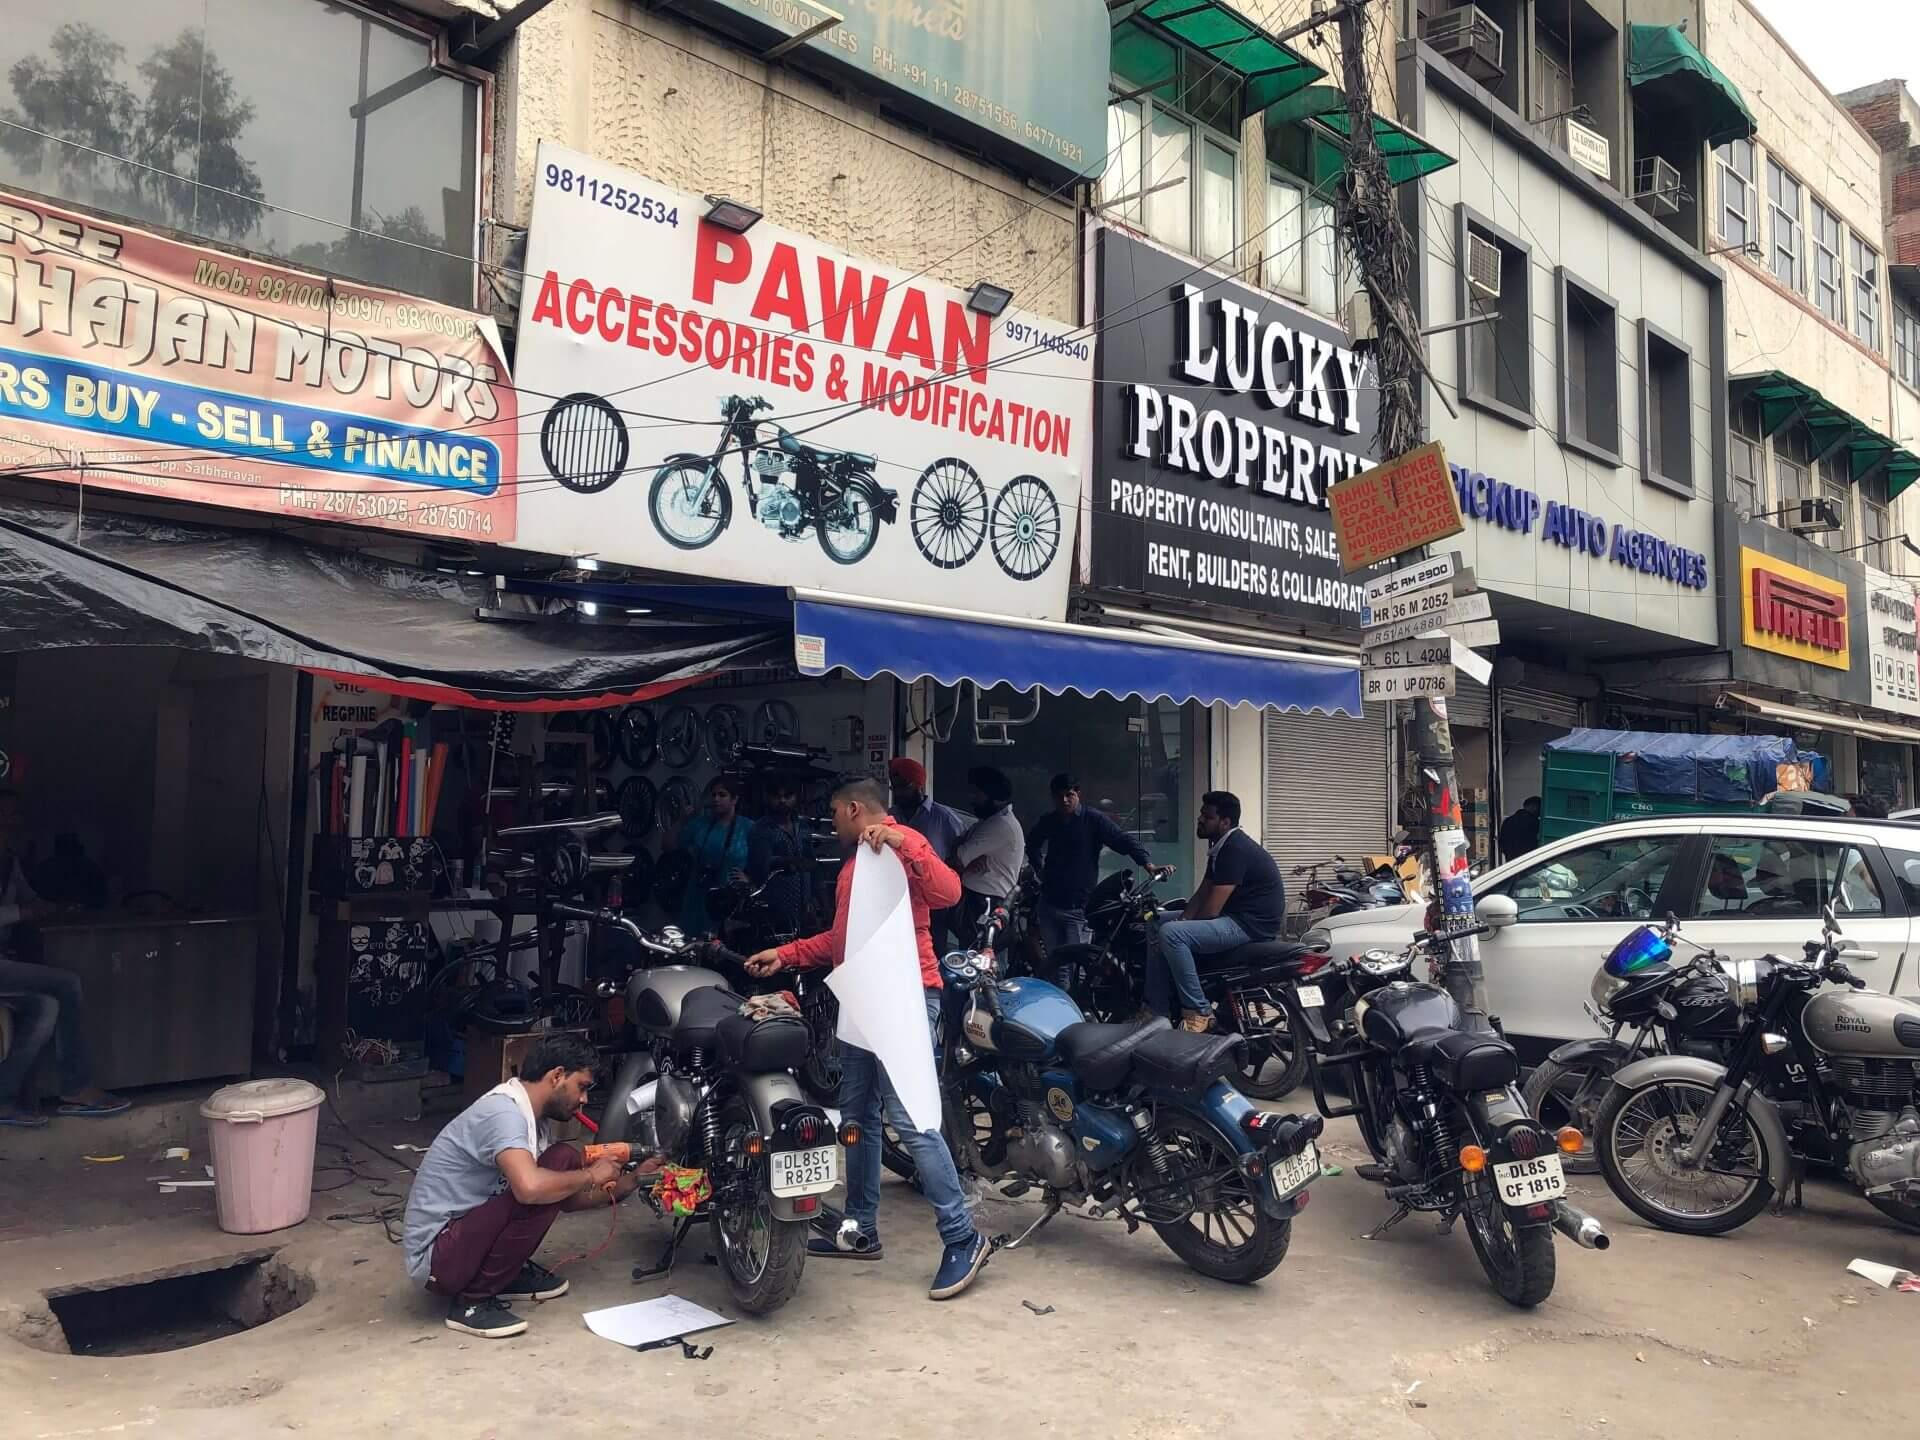 印度創業成立辦公室,得先經歷三個「難」:找點、找房仲、找工人